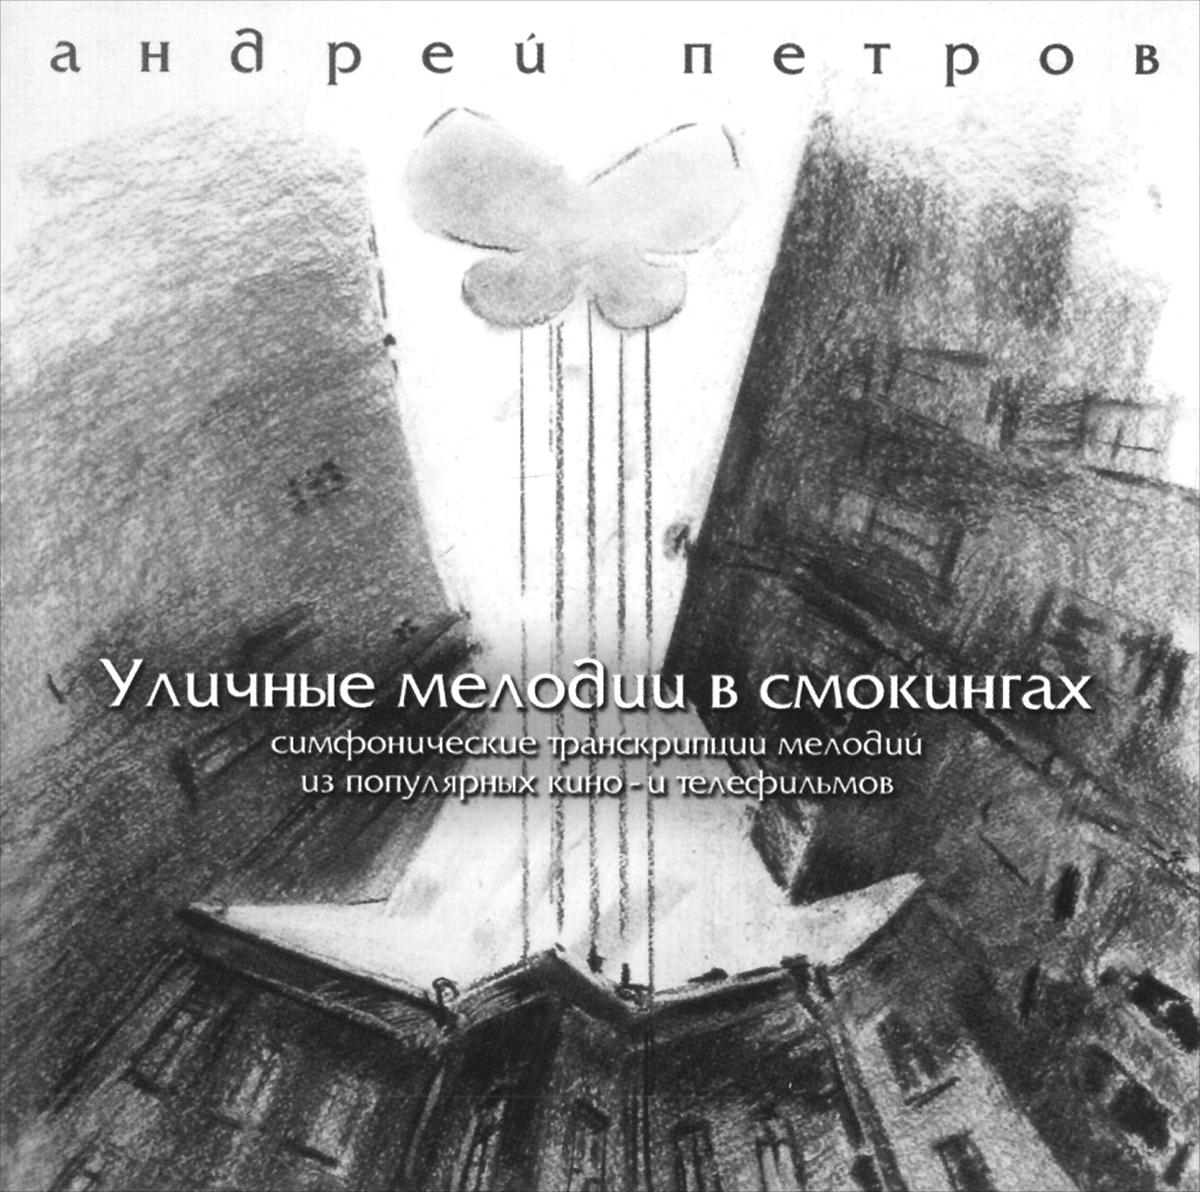 Андрей Петров. Уличные мелодии в смокингах